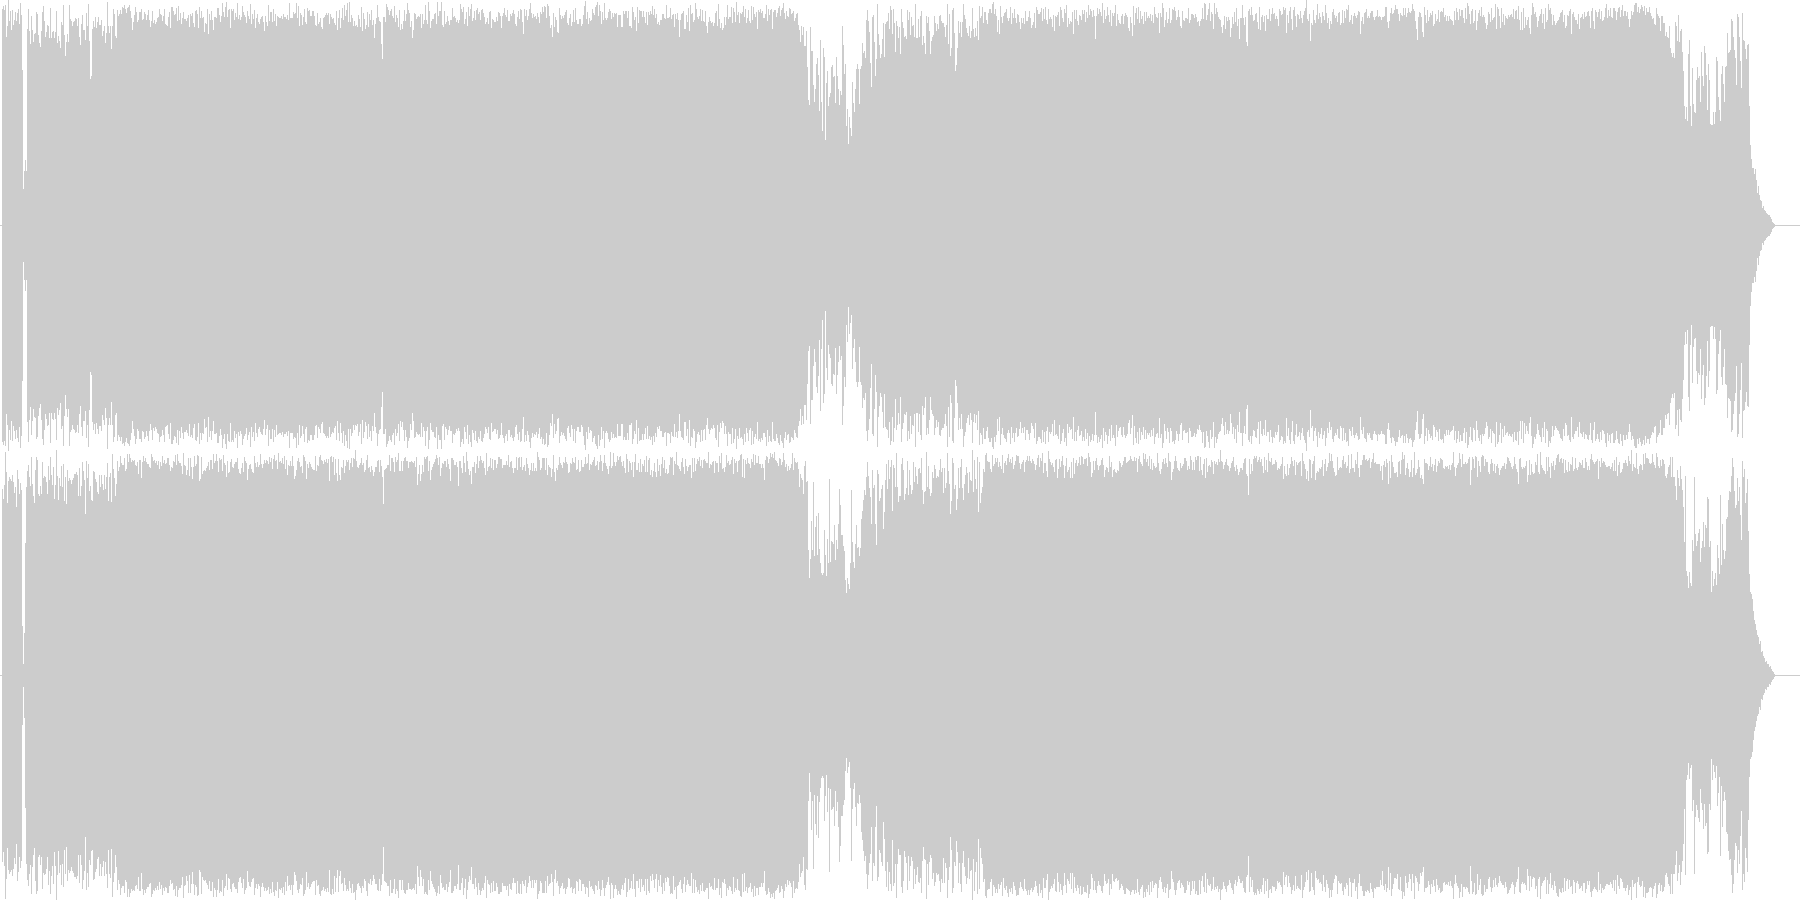 バトル風 ヘビーメタル01の未再生の波形